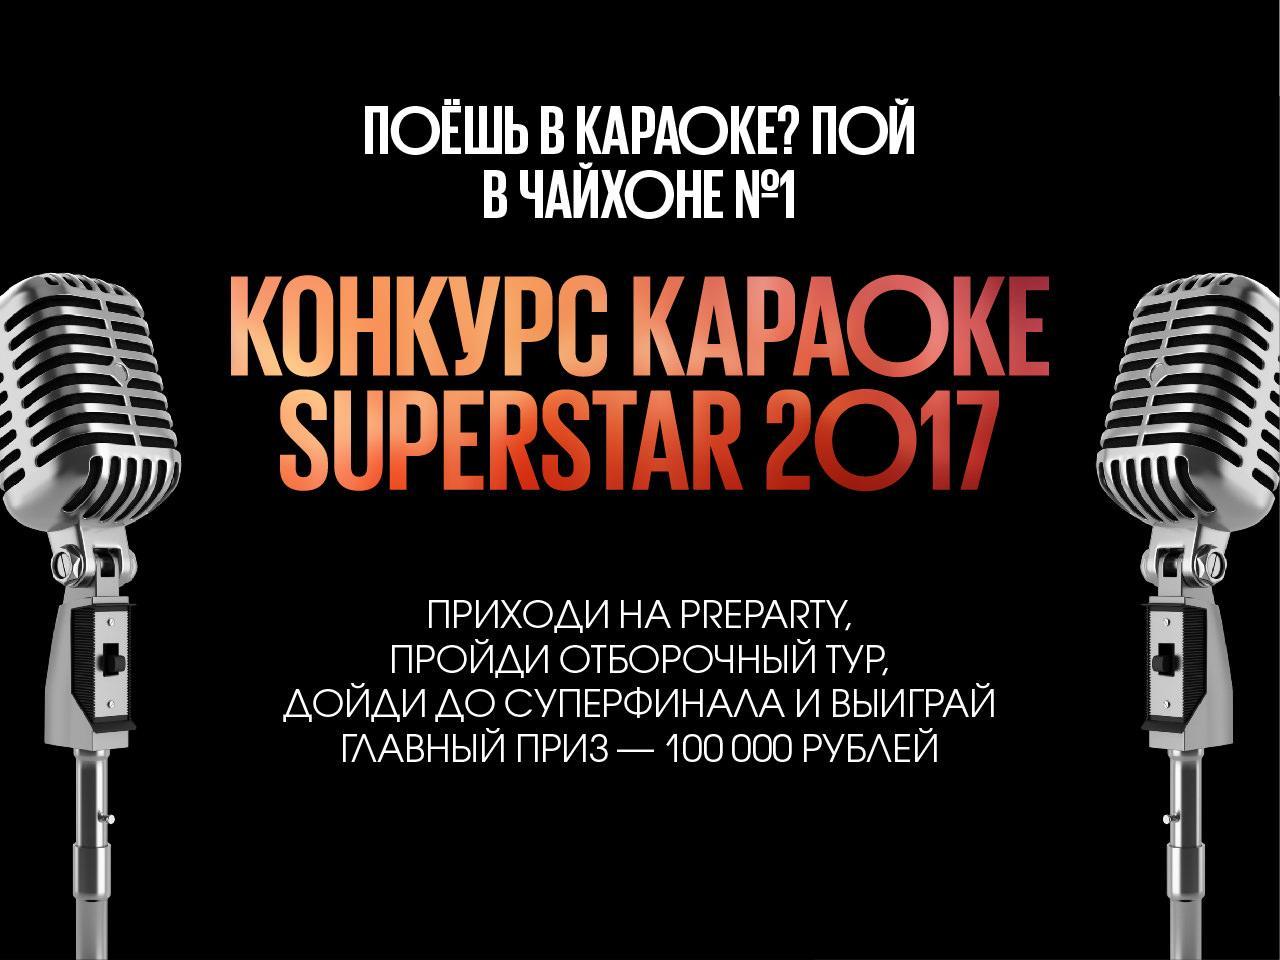 КАРАОКЕ SUPERSTAR 2017